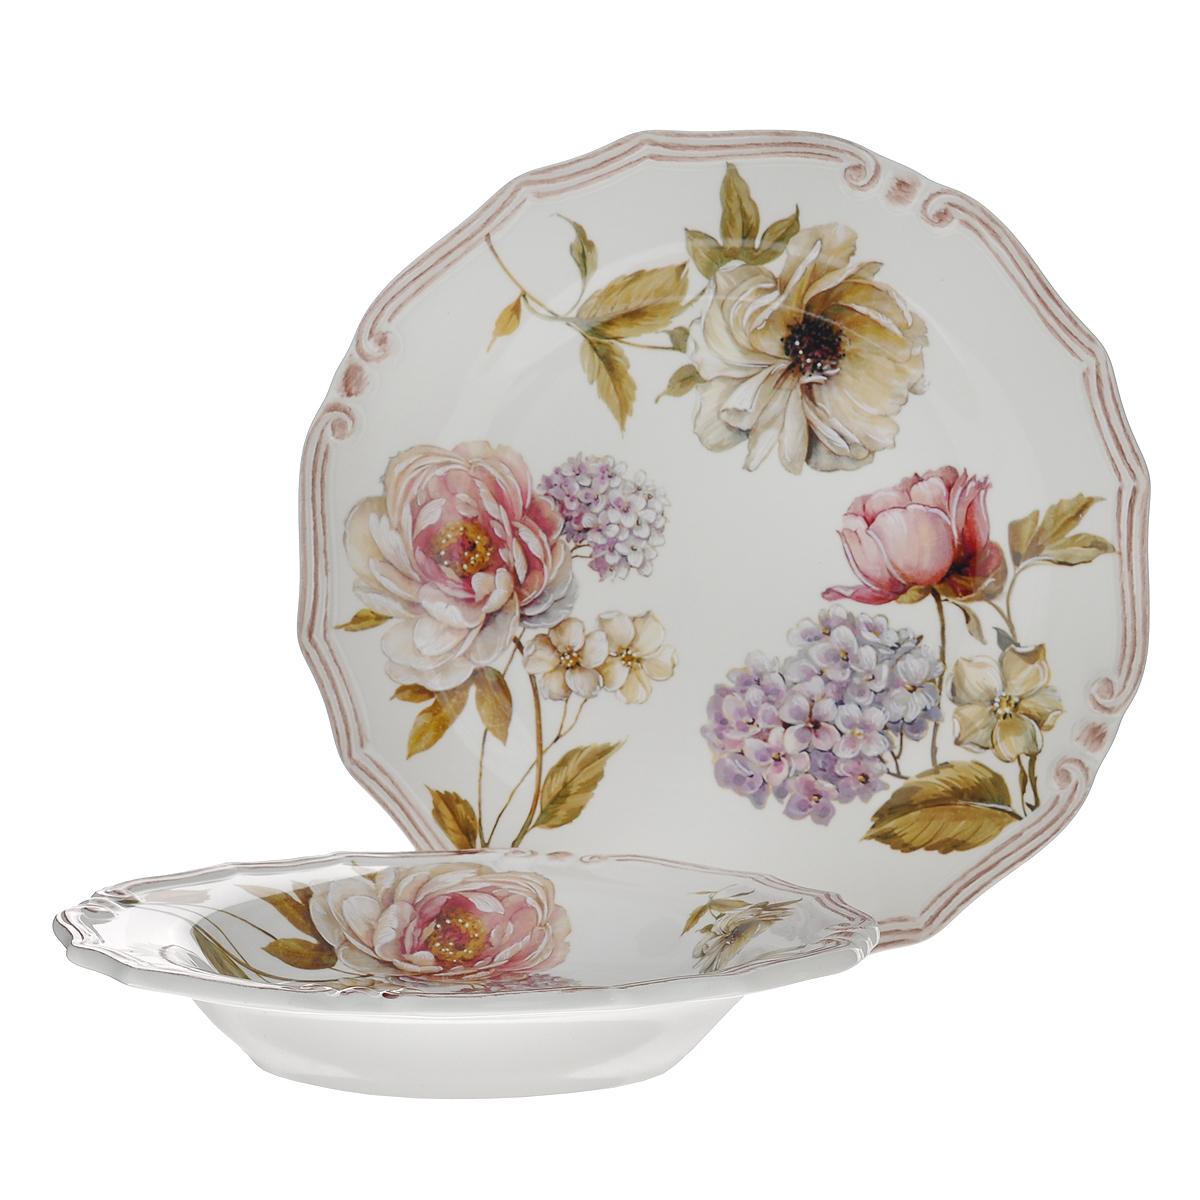 Набор тарелок LCS Сады Флоренции, 2 шт. LCS053-BO-ALLCS053-BO-ALНабор LCS Сады Флоренции состоит из суповой тарелки и обеденной тарелки. Предметы набора выполнены из высококачественной керамики и оформлены нежным цветочным рисунком. Красочность оформления придется по вкусу и ценителям классики, и тем, кто предпочитает утонченность и изящность. Сервировка стола таким набором станет великолепным украшением любого торжества. Характеристики: Материал: керамика. Диаметр суповой тарелки: 24 см. Высота суповой тарелки: 4 см. Диаметр обеденной тарелки: 26 см. LCS - молодая, динамично развивающаяся итальянская компания из Флоренции, производящая разнообразную керамическую посуду и изделия для украшения интерьера. В своих дизайнах LCS использует как классические, так и современные тенденции. Высокий стандарт изделий обеспечивается за счет соединения высоко технологичного производства и использования ручной работы профессиональных дизайнеров и художников, работающих на фабрике.